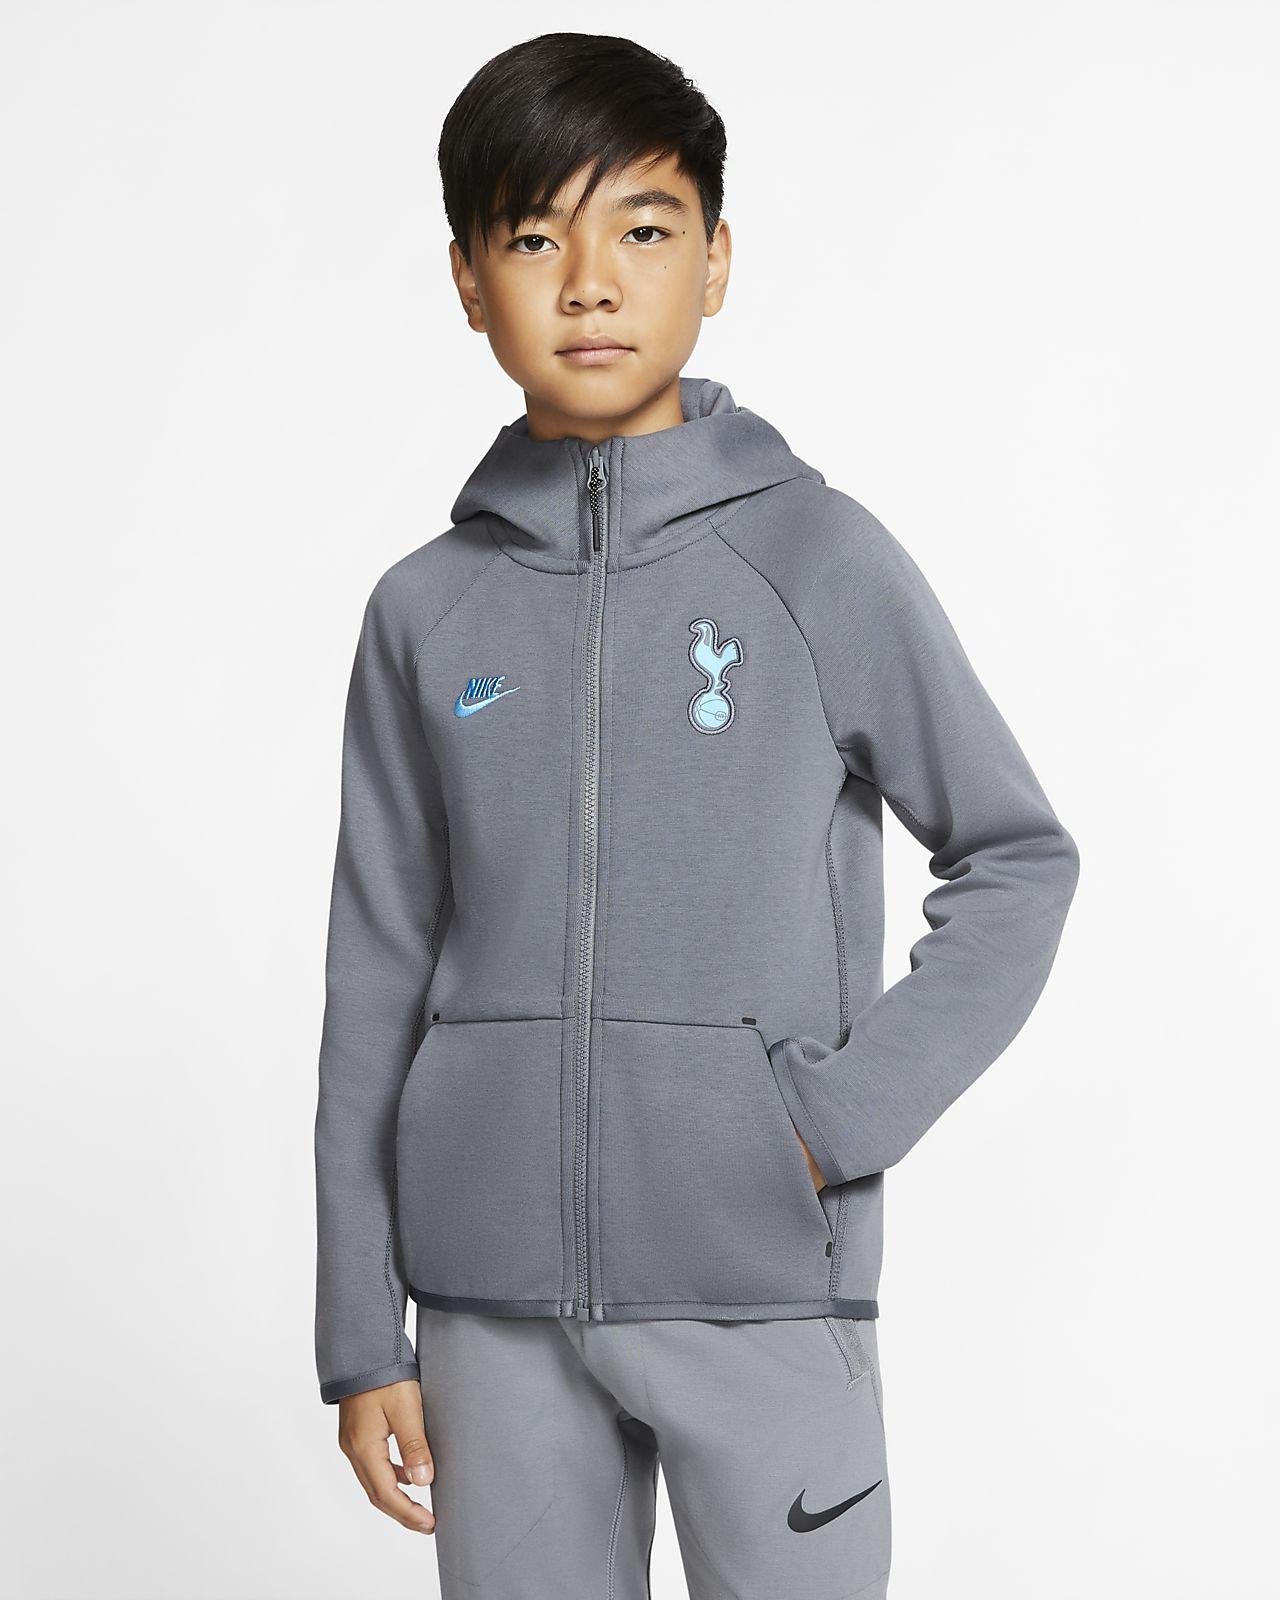 Tottenham Hotspur Tech Fleece Essentials Older Kids' Full-Zip Hoodie